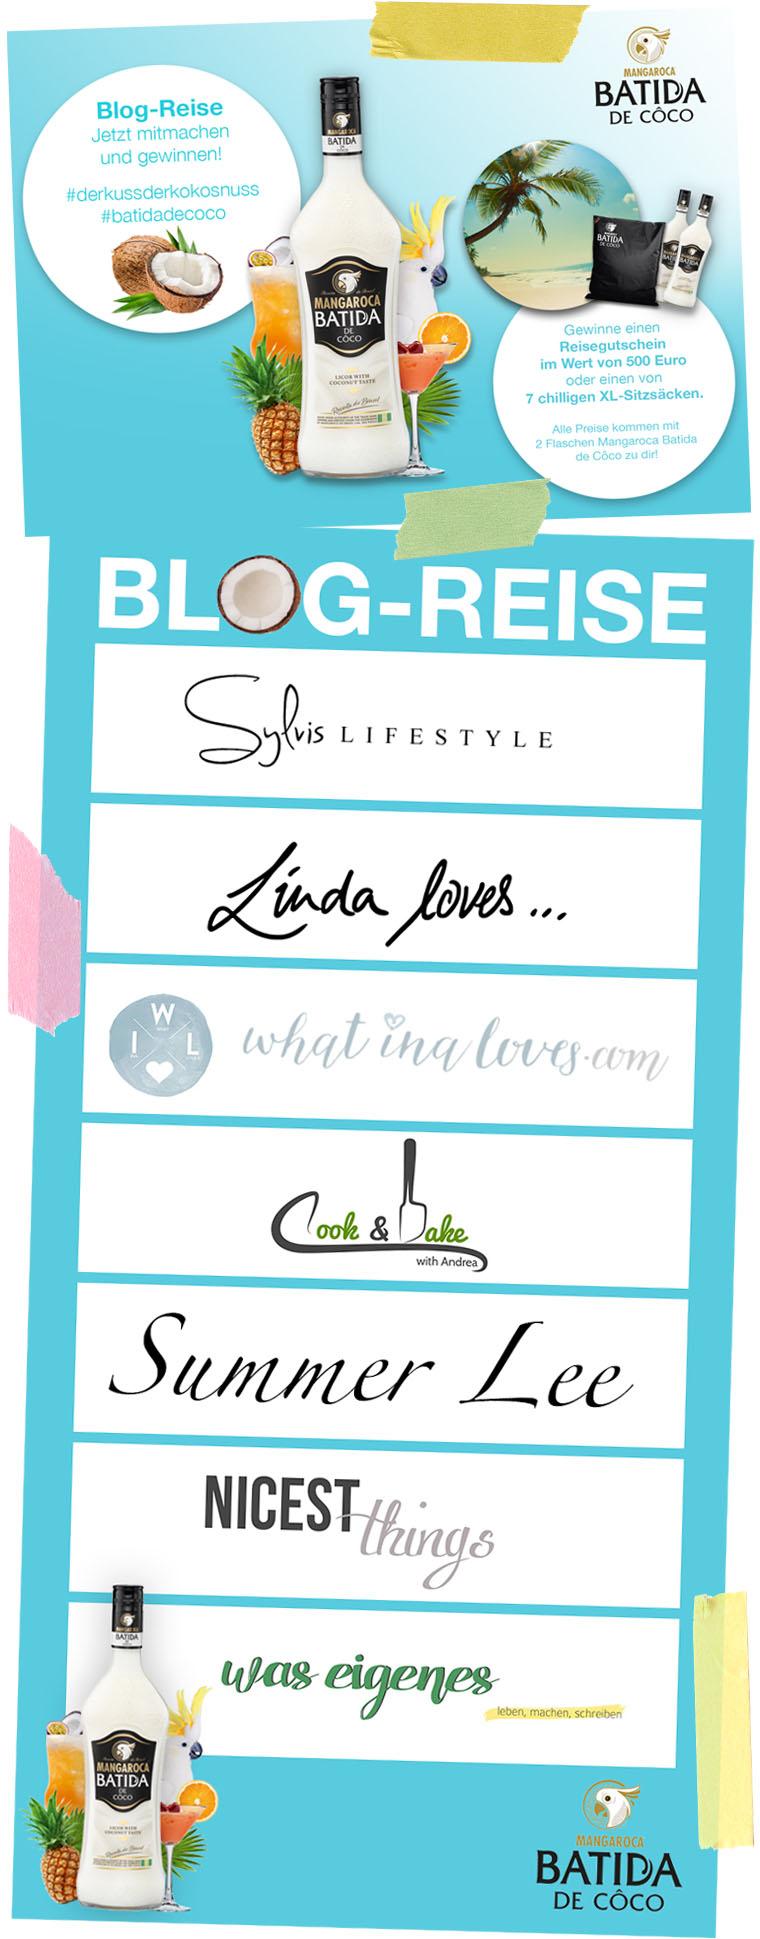 Blogreise #DerKussderKokosnuss | Batida de Coco | waseigenes.com